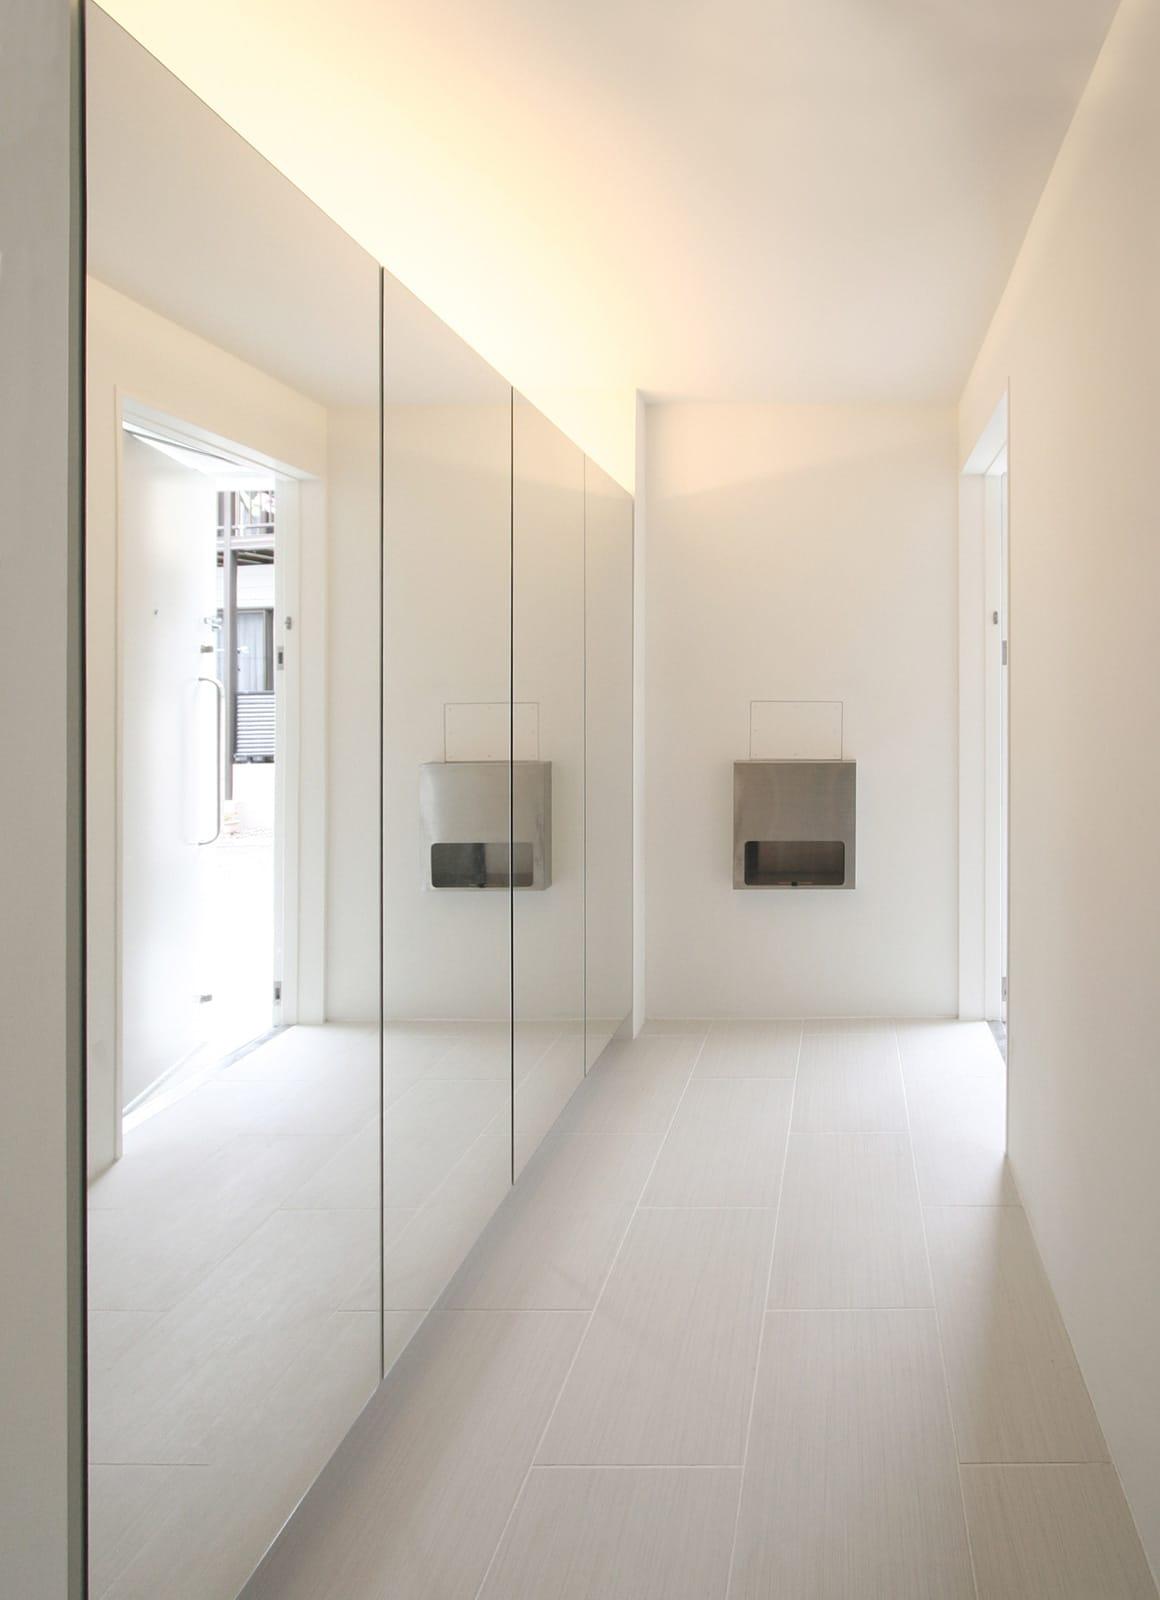 インナーテラスのある明るい住宅の収納(玄関)1